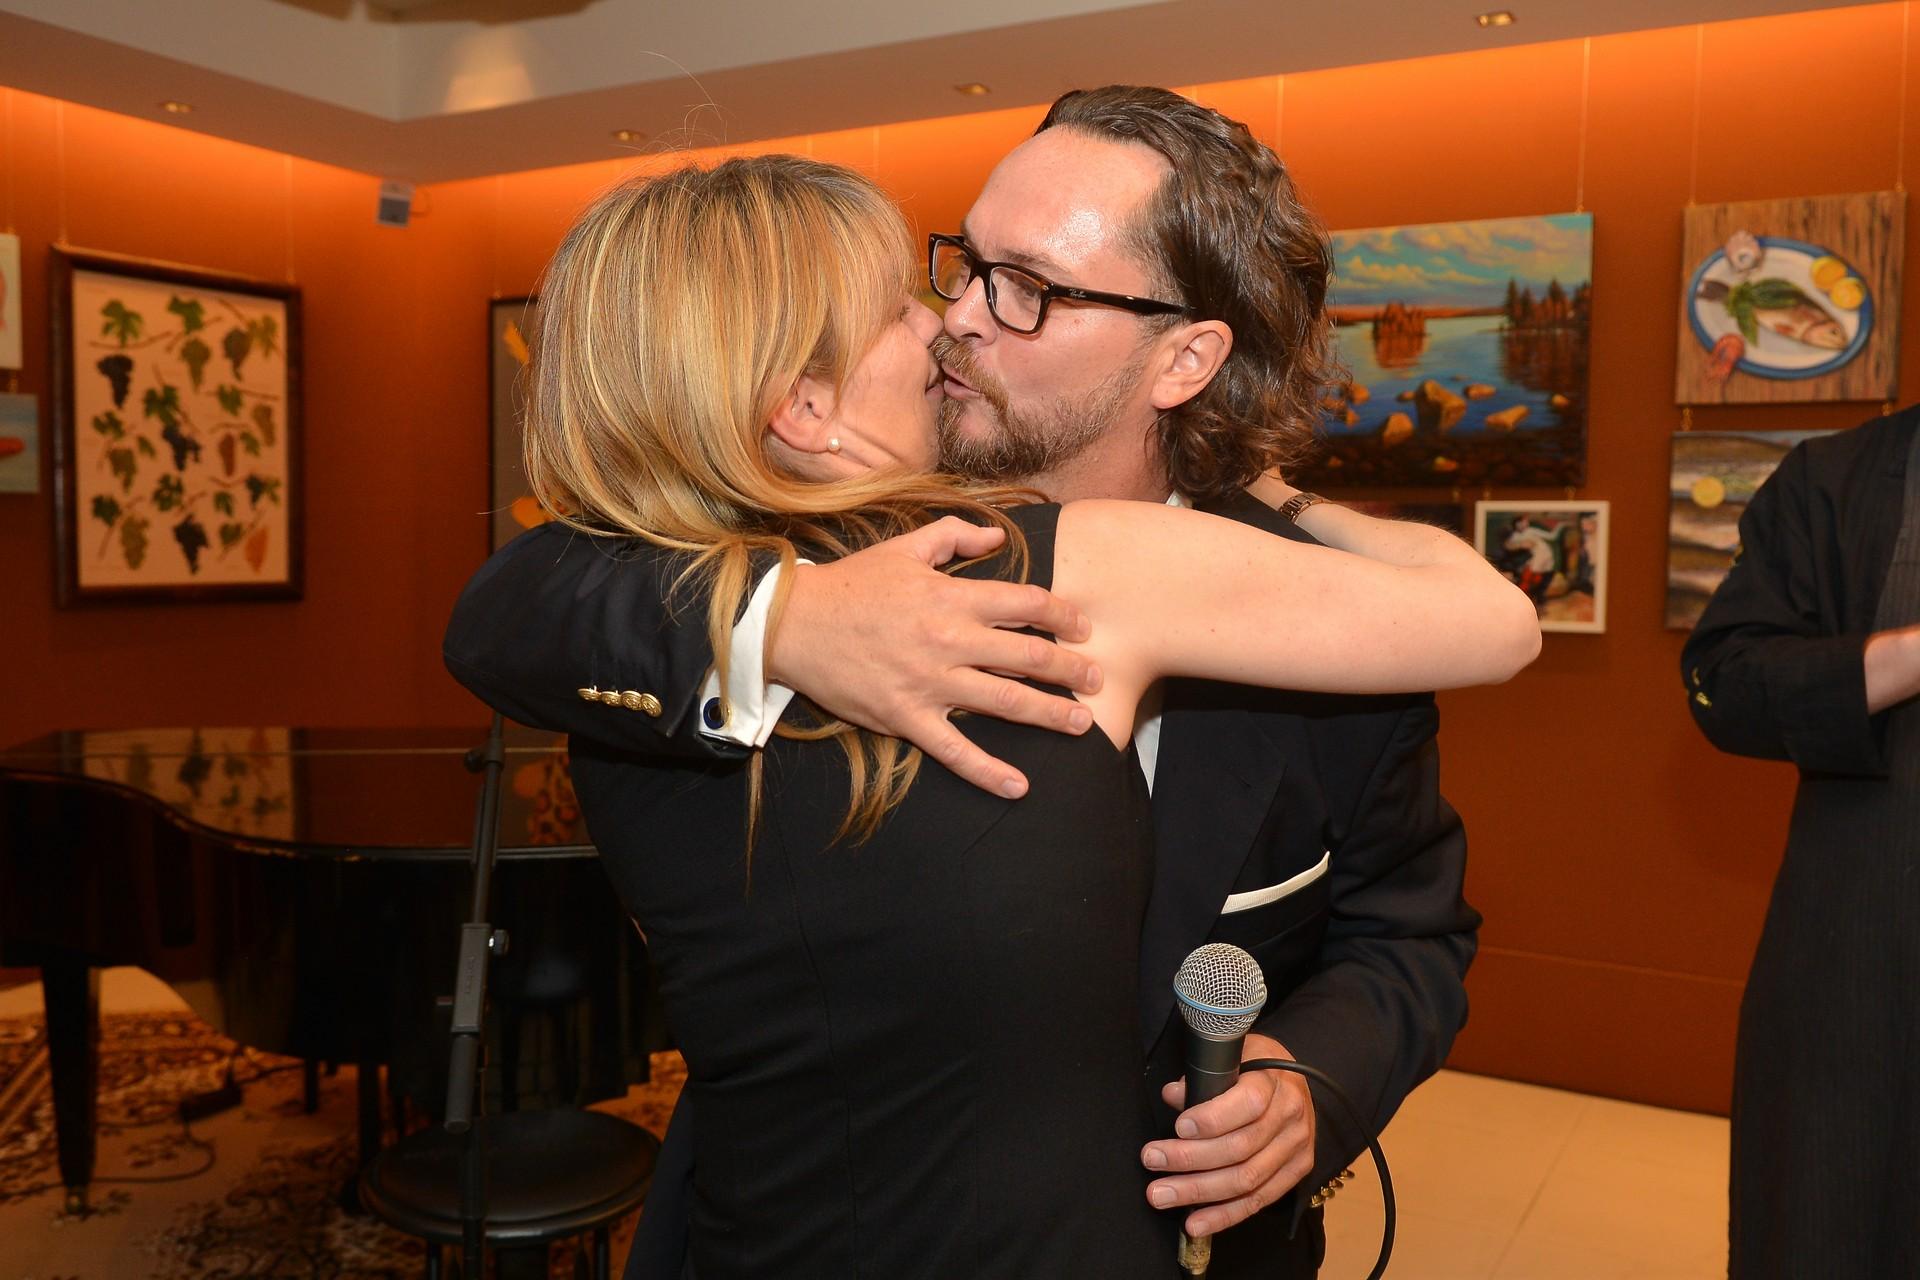 Bei der Eröffnung machte Barnie Strasser seiner Alexandra einen Heiratsantrag. Foto: Nicolas Zandgerle